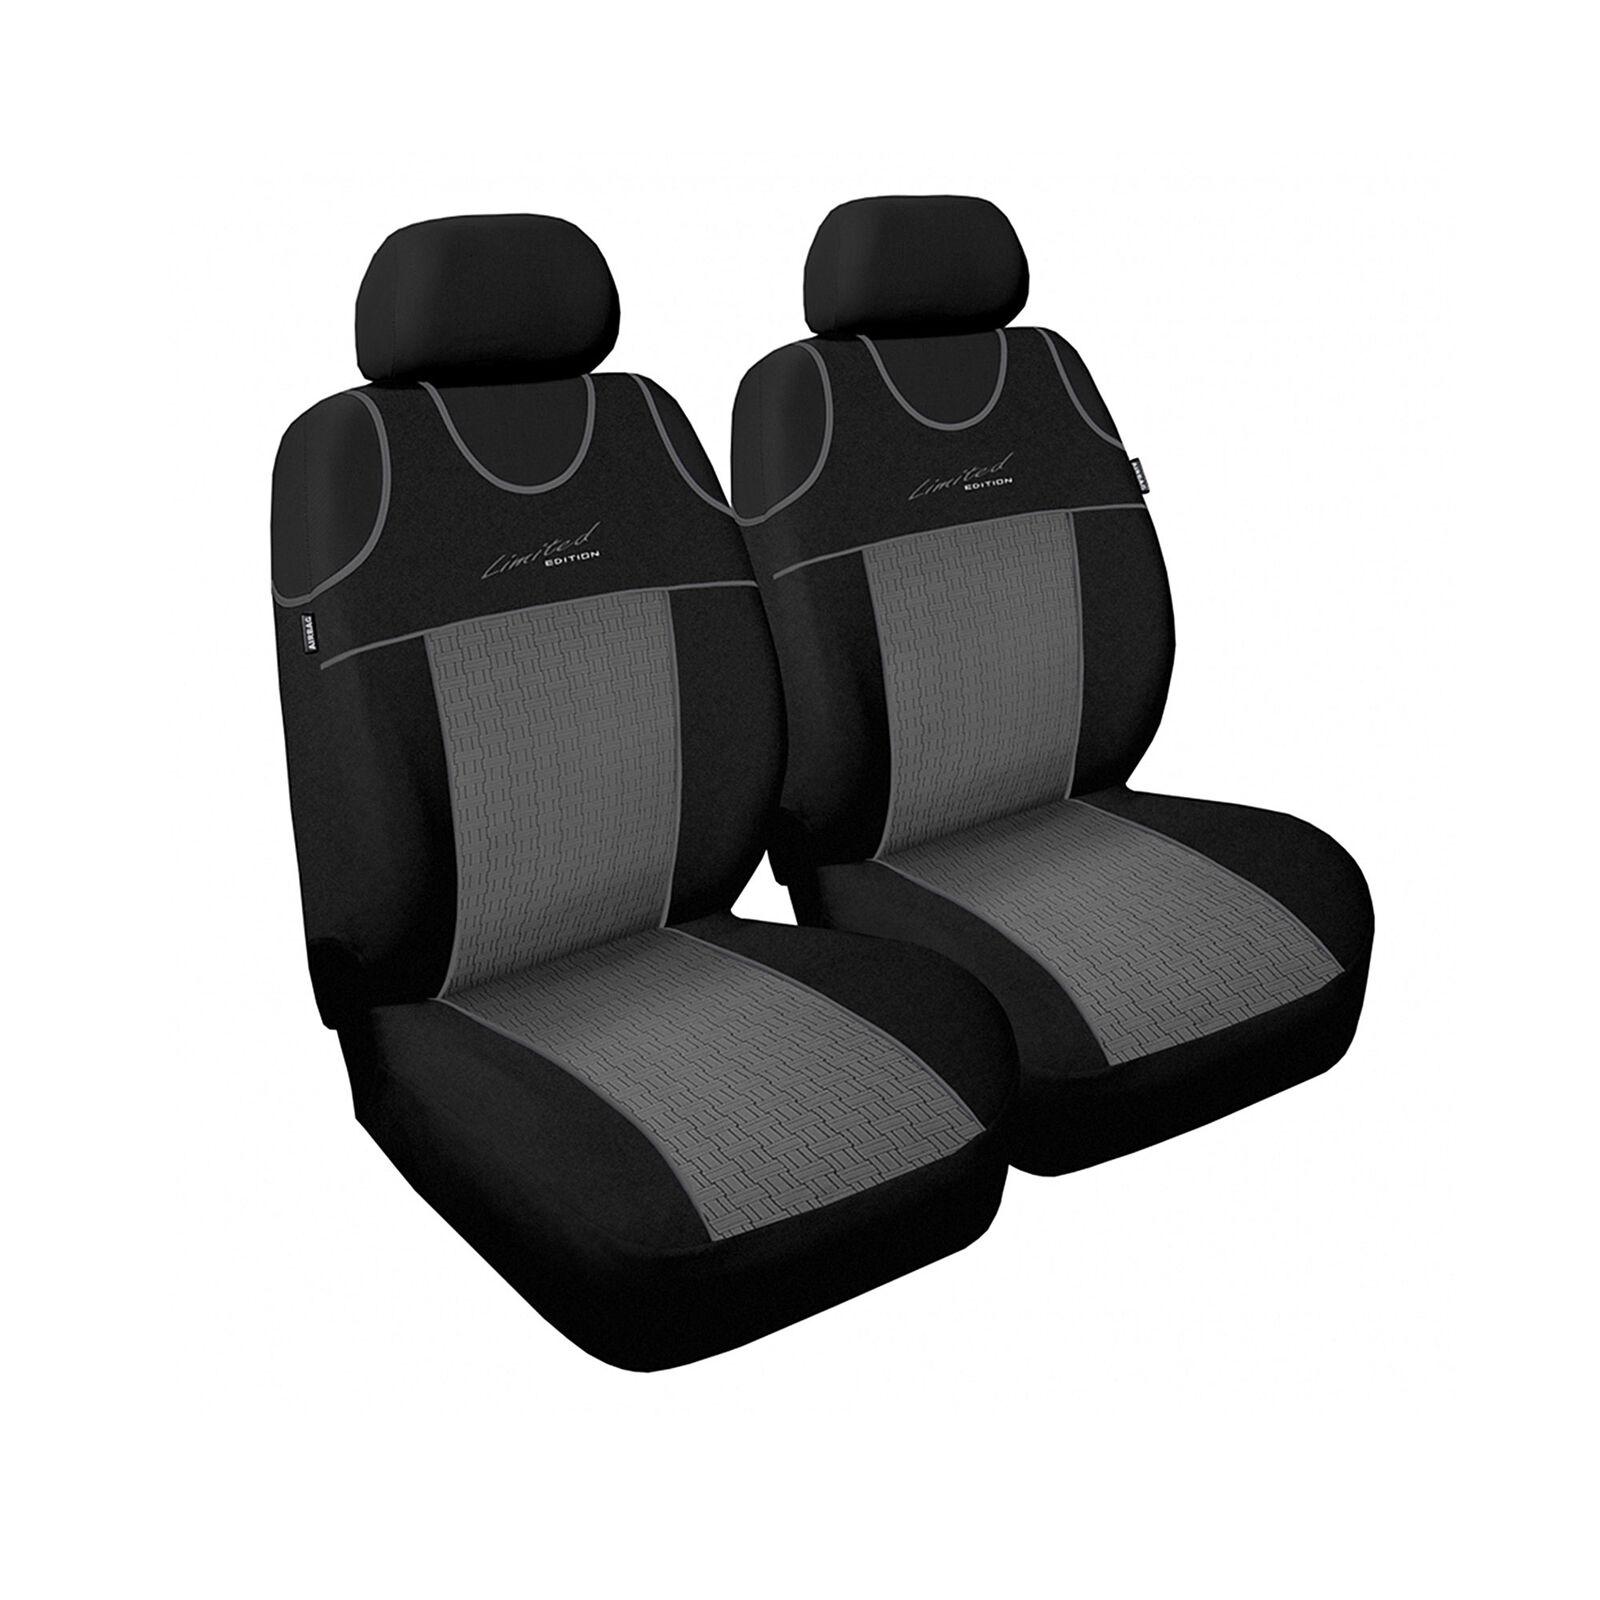 BMW X3 Front 1+1 Universal Sitzbezüge Sitzbezug Schonbezüge Schonbezug Autositz